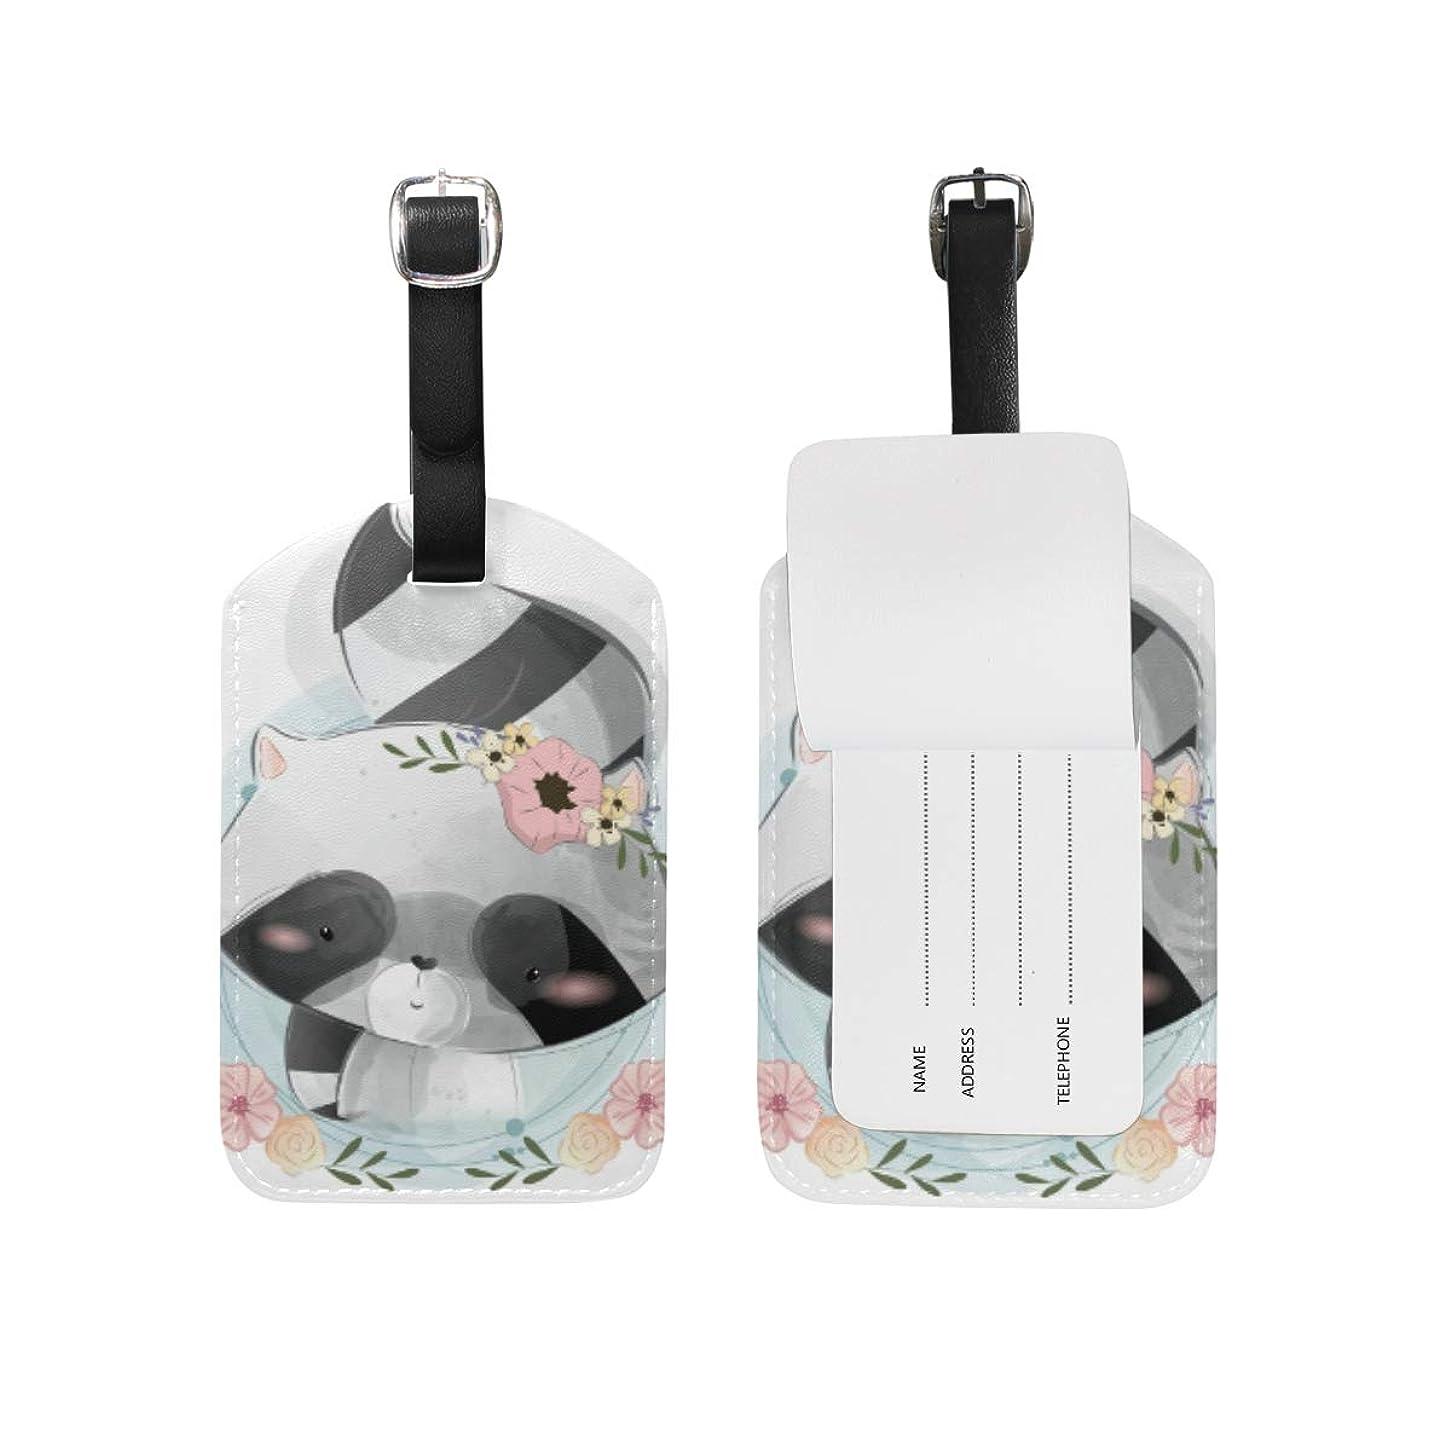 できた処分したスクリューかわいい赤ちゃんアライグマ レザー 荷物 タグ トラベル カード バッグ ID ラベル (2個)